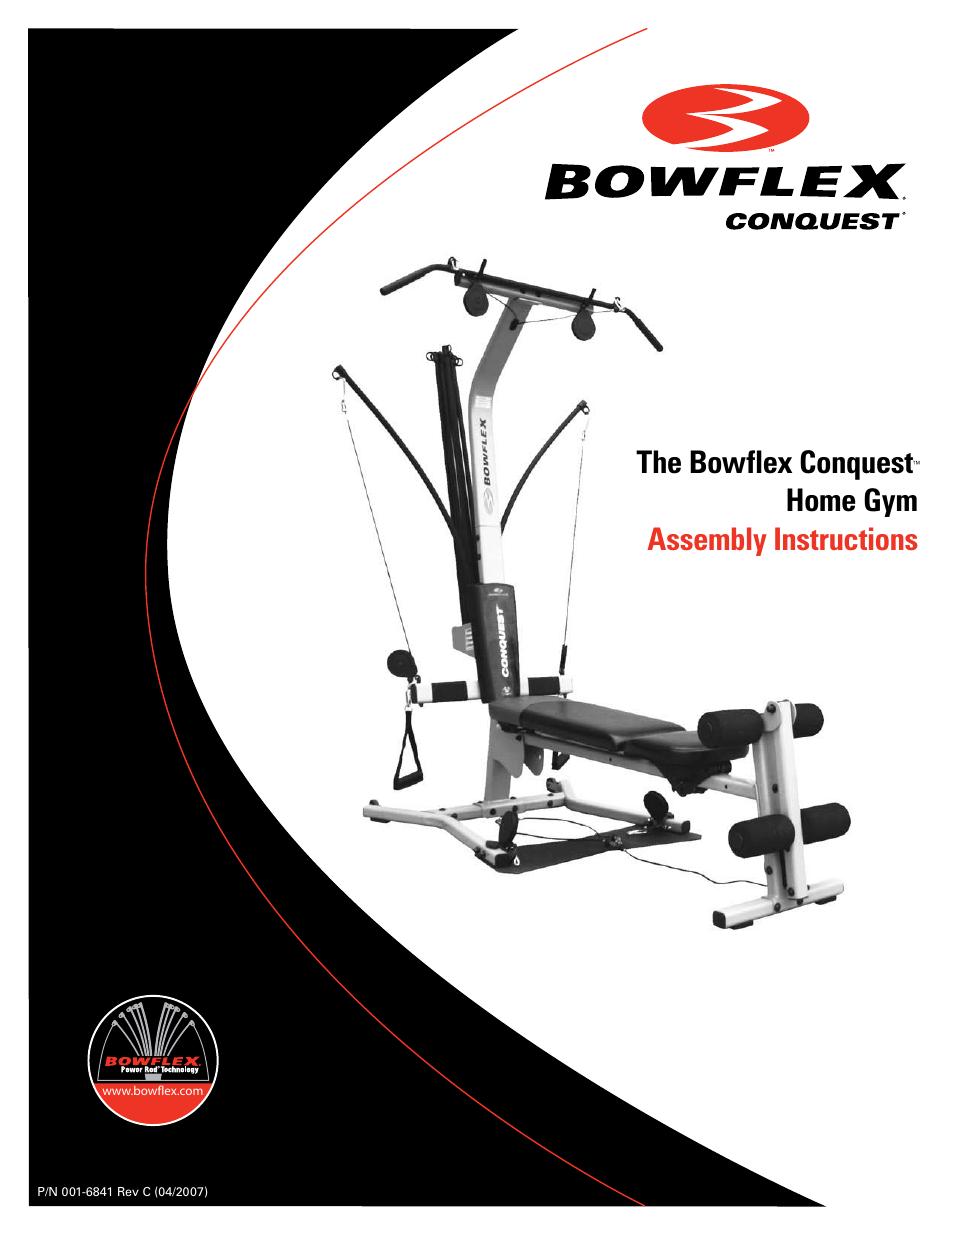 Sensational Bowflex Conquest Home Gym Gymtutor Co Download Free Architecture Designs Scobabritishbridgeorg